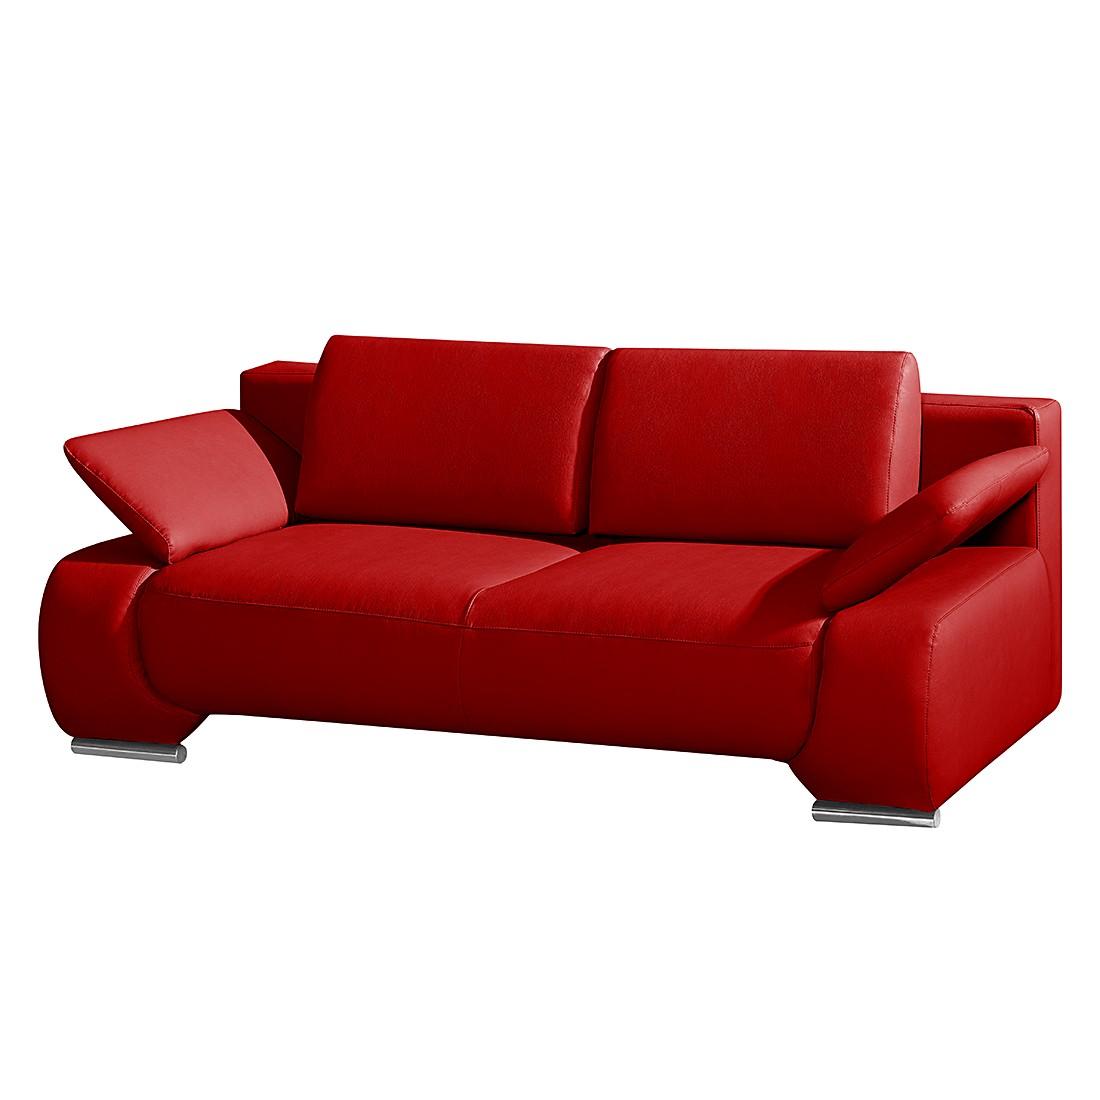 schlafsofas gute bewertung machen sie den preisvergleich bei nextag. Black Bedroom Furniture Sets. Home Design Ideas